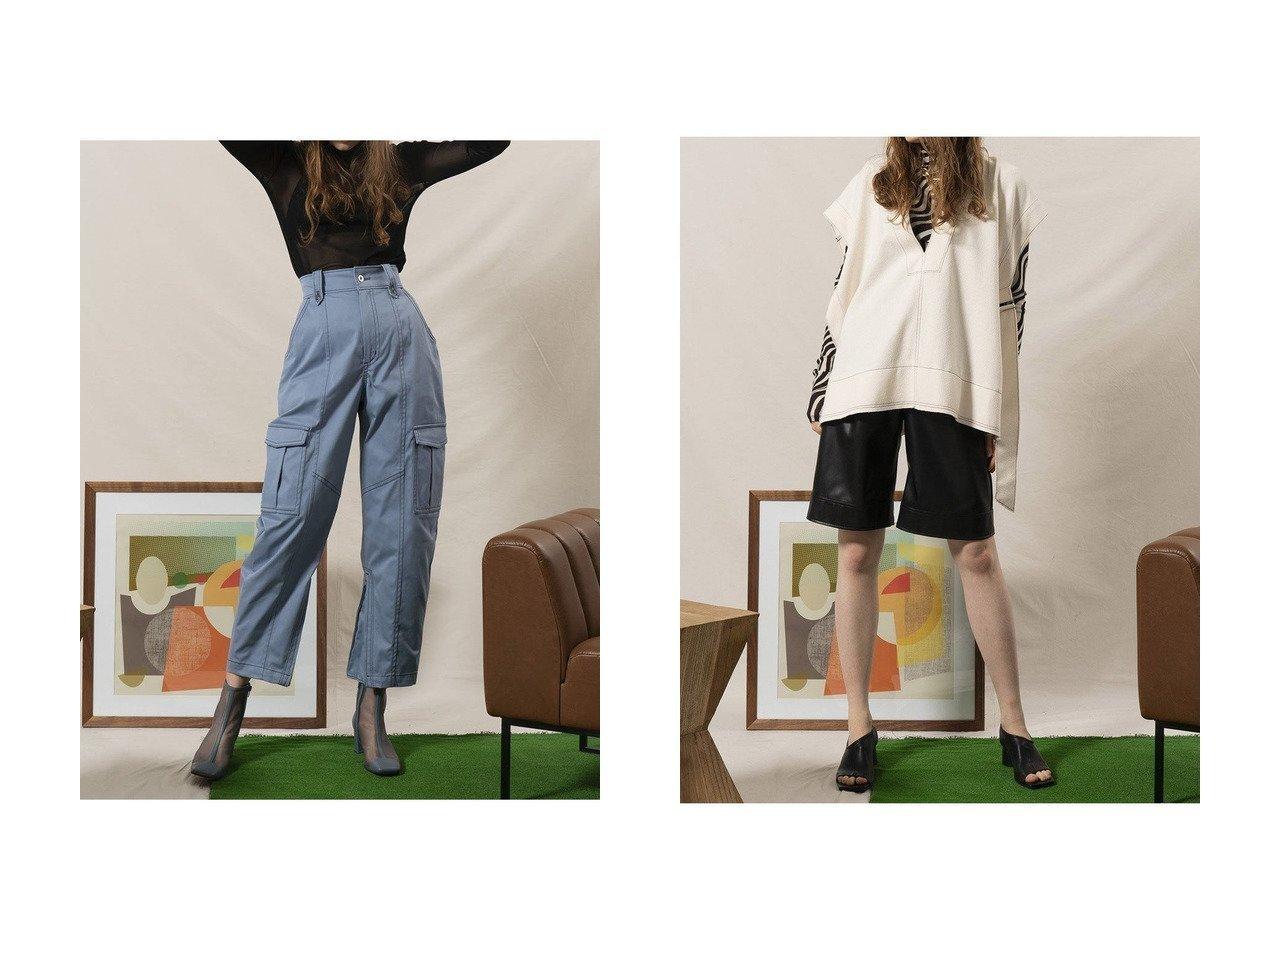 【MAISON SPECIAL/メゾンスペシャル】の裾ZIPカーゴパンツ&ブークレーダンボールジレ メゾンスペシャルのおすすめ!人気、トレンド・レディースファッションの通販  おすすめで人気の流行・トレンド、ファッションの通販商品 メンズファッション・キッズファッション・インテリア・家具・レディースファッション・服の通販 founy(ファニー) https://founy.com/ ファッション Fashion レディースファッション WOMEN アウター Coat Outerwear ジャケット Jackets パンツ Pants 春 Spring カットソー ジャケット ストレッチ フラット ベスト 2021年 2021 S/S 春夏 SS Spring/Summer 2021 春夏 S/S SS Spring/Summer 2021 カーゴパンツ ジップ ストレート ツイル ミリタリー ワイド |ID:crp329100000021137